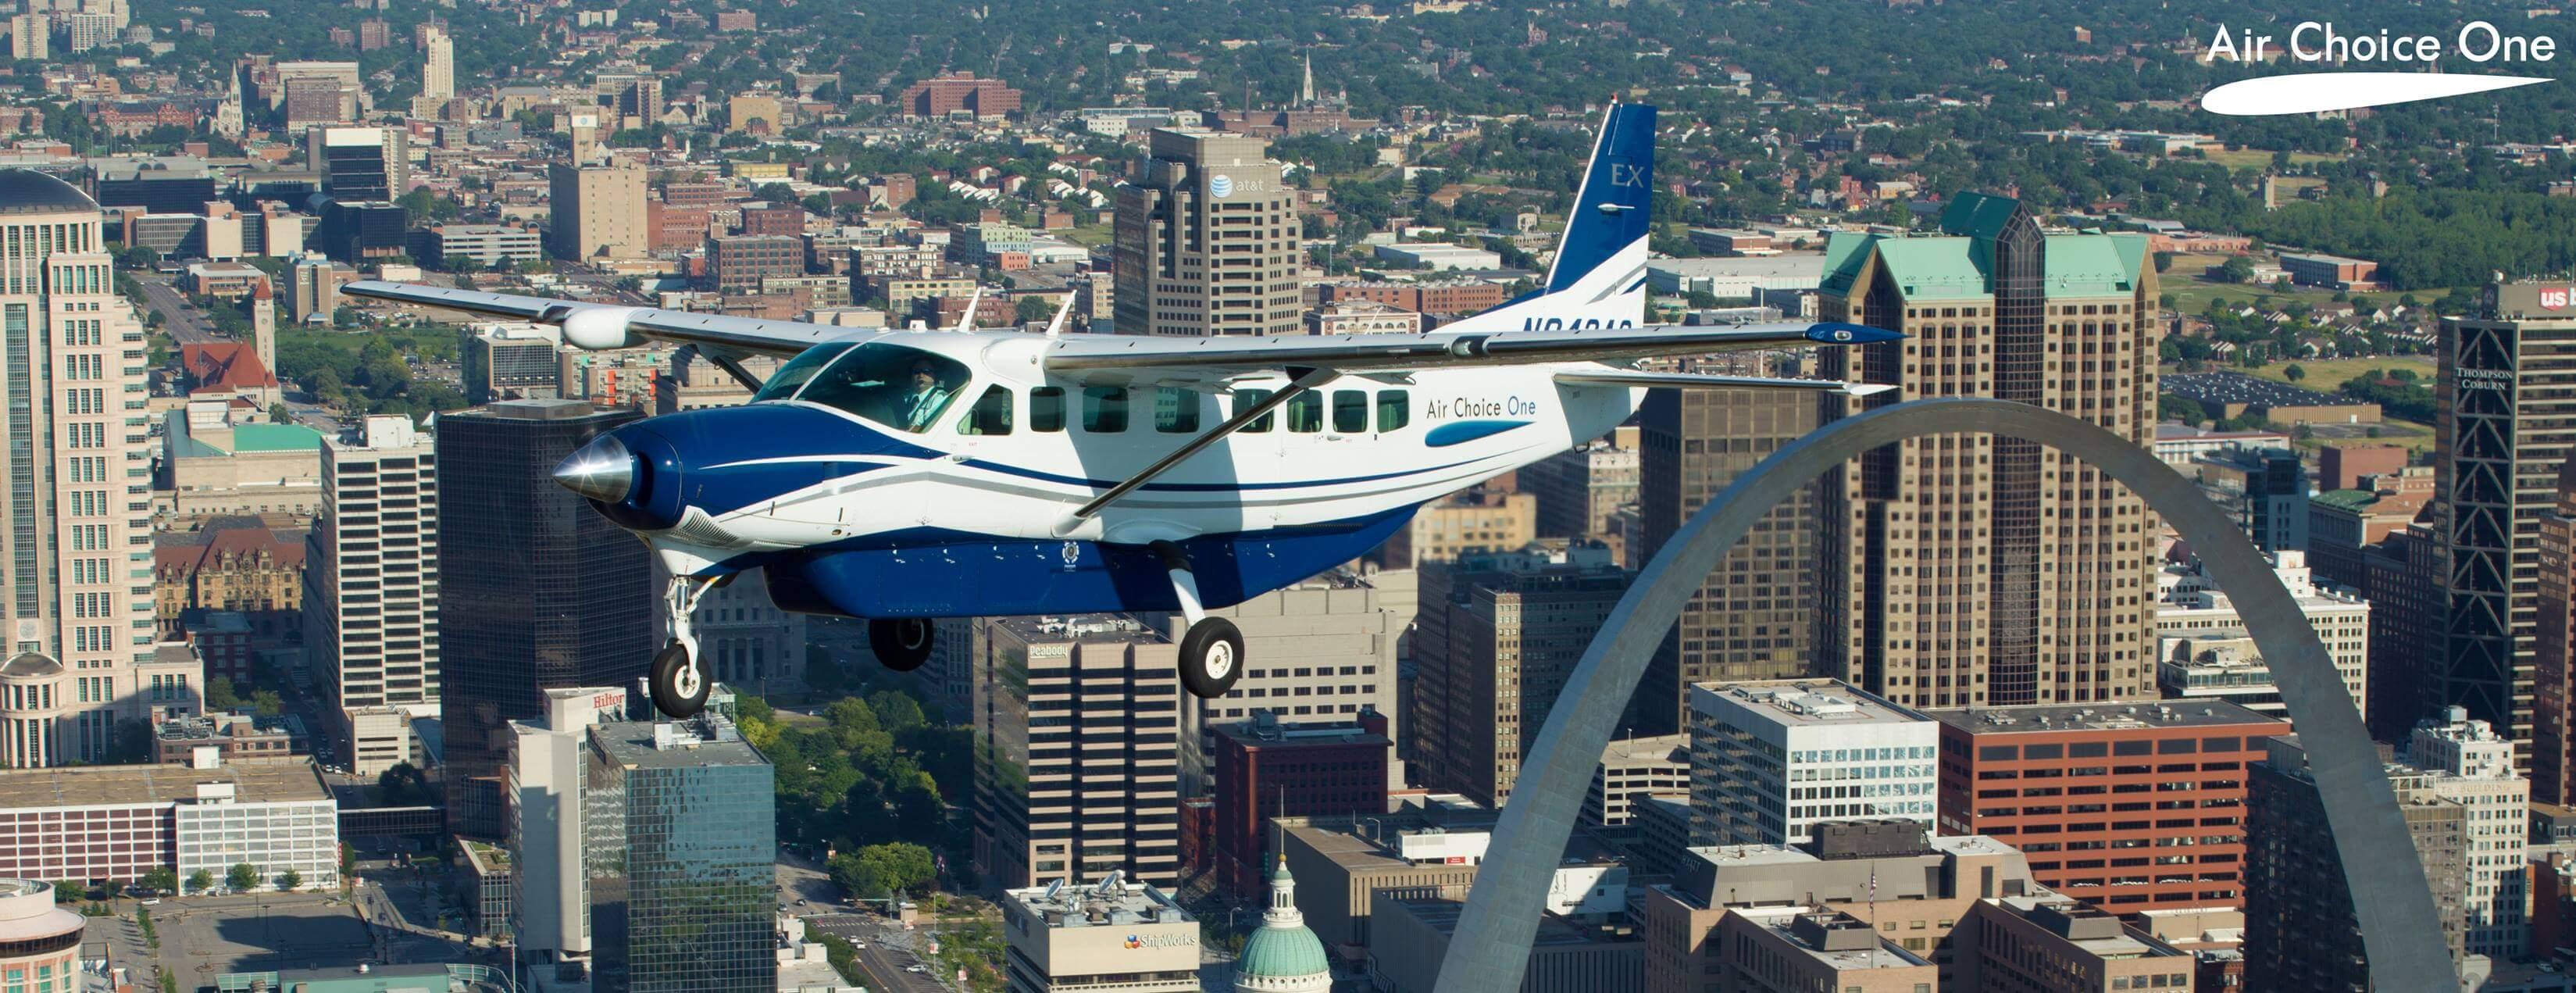 Air Choice One Airplane